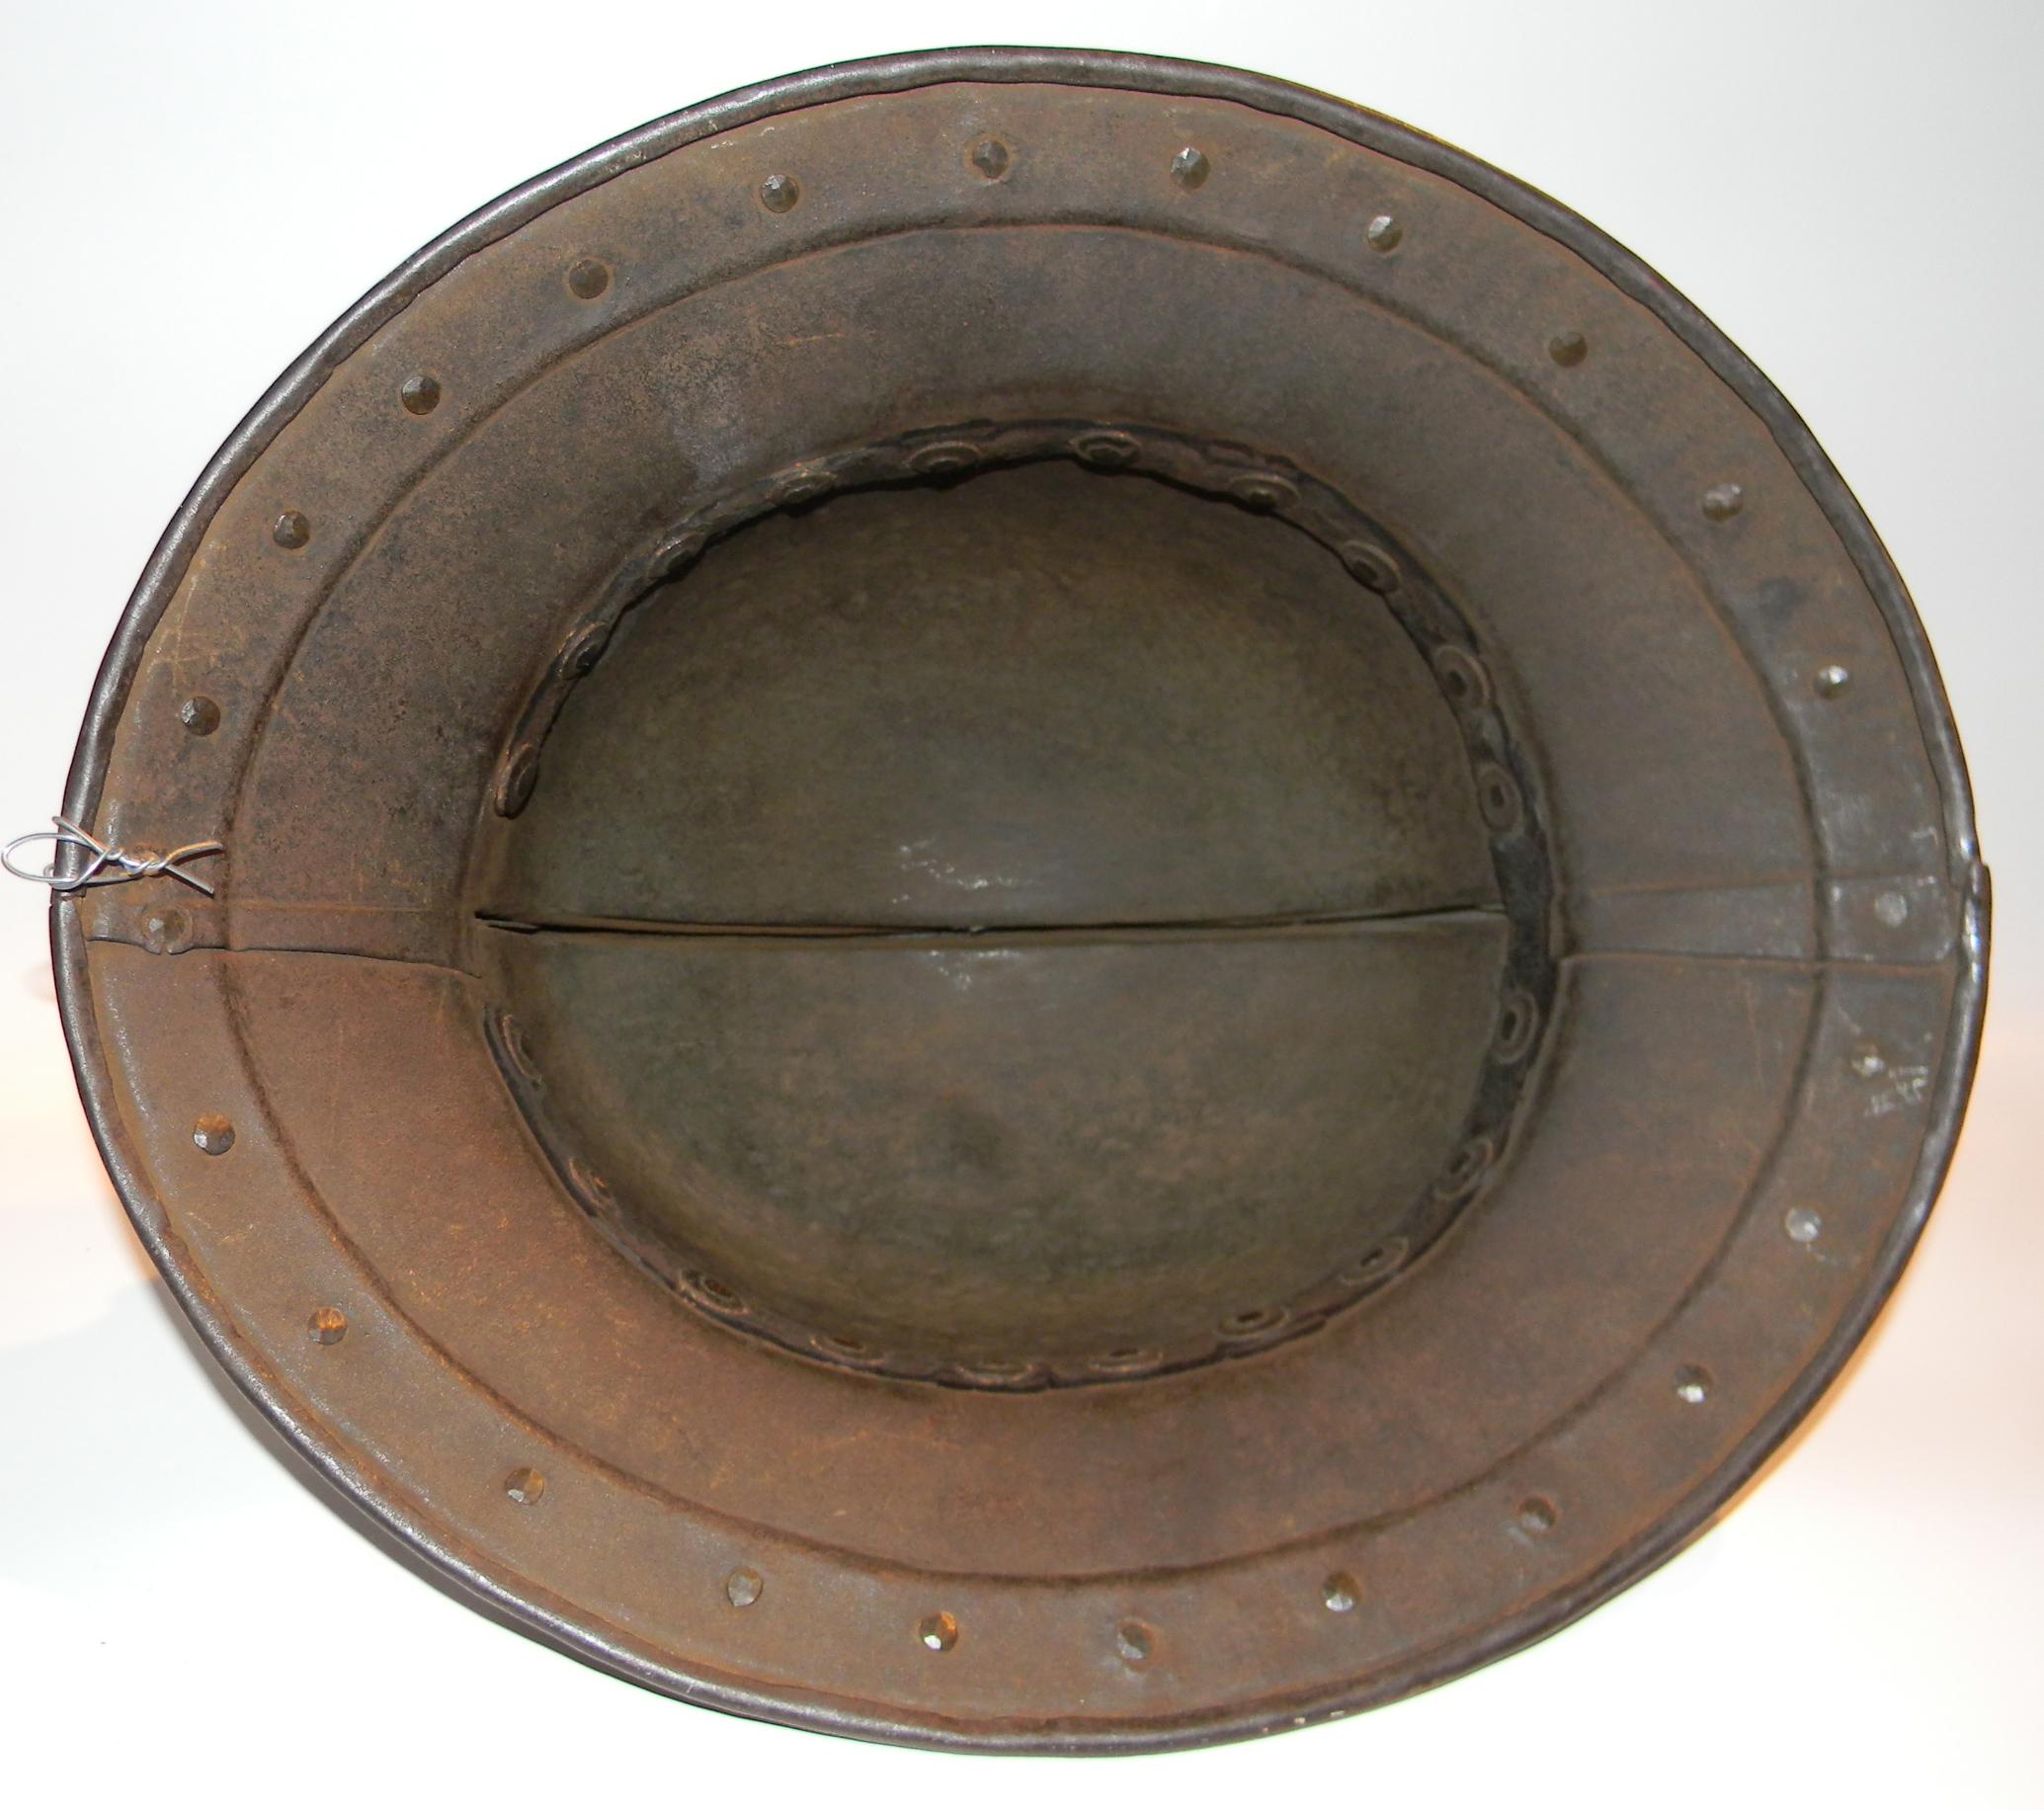 17th century pikeman's armour